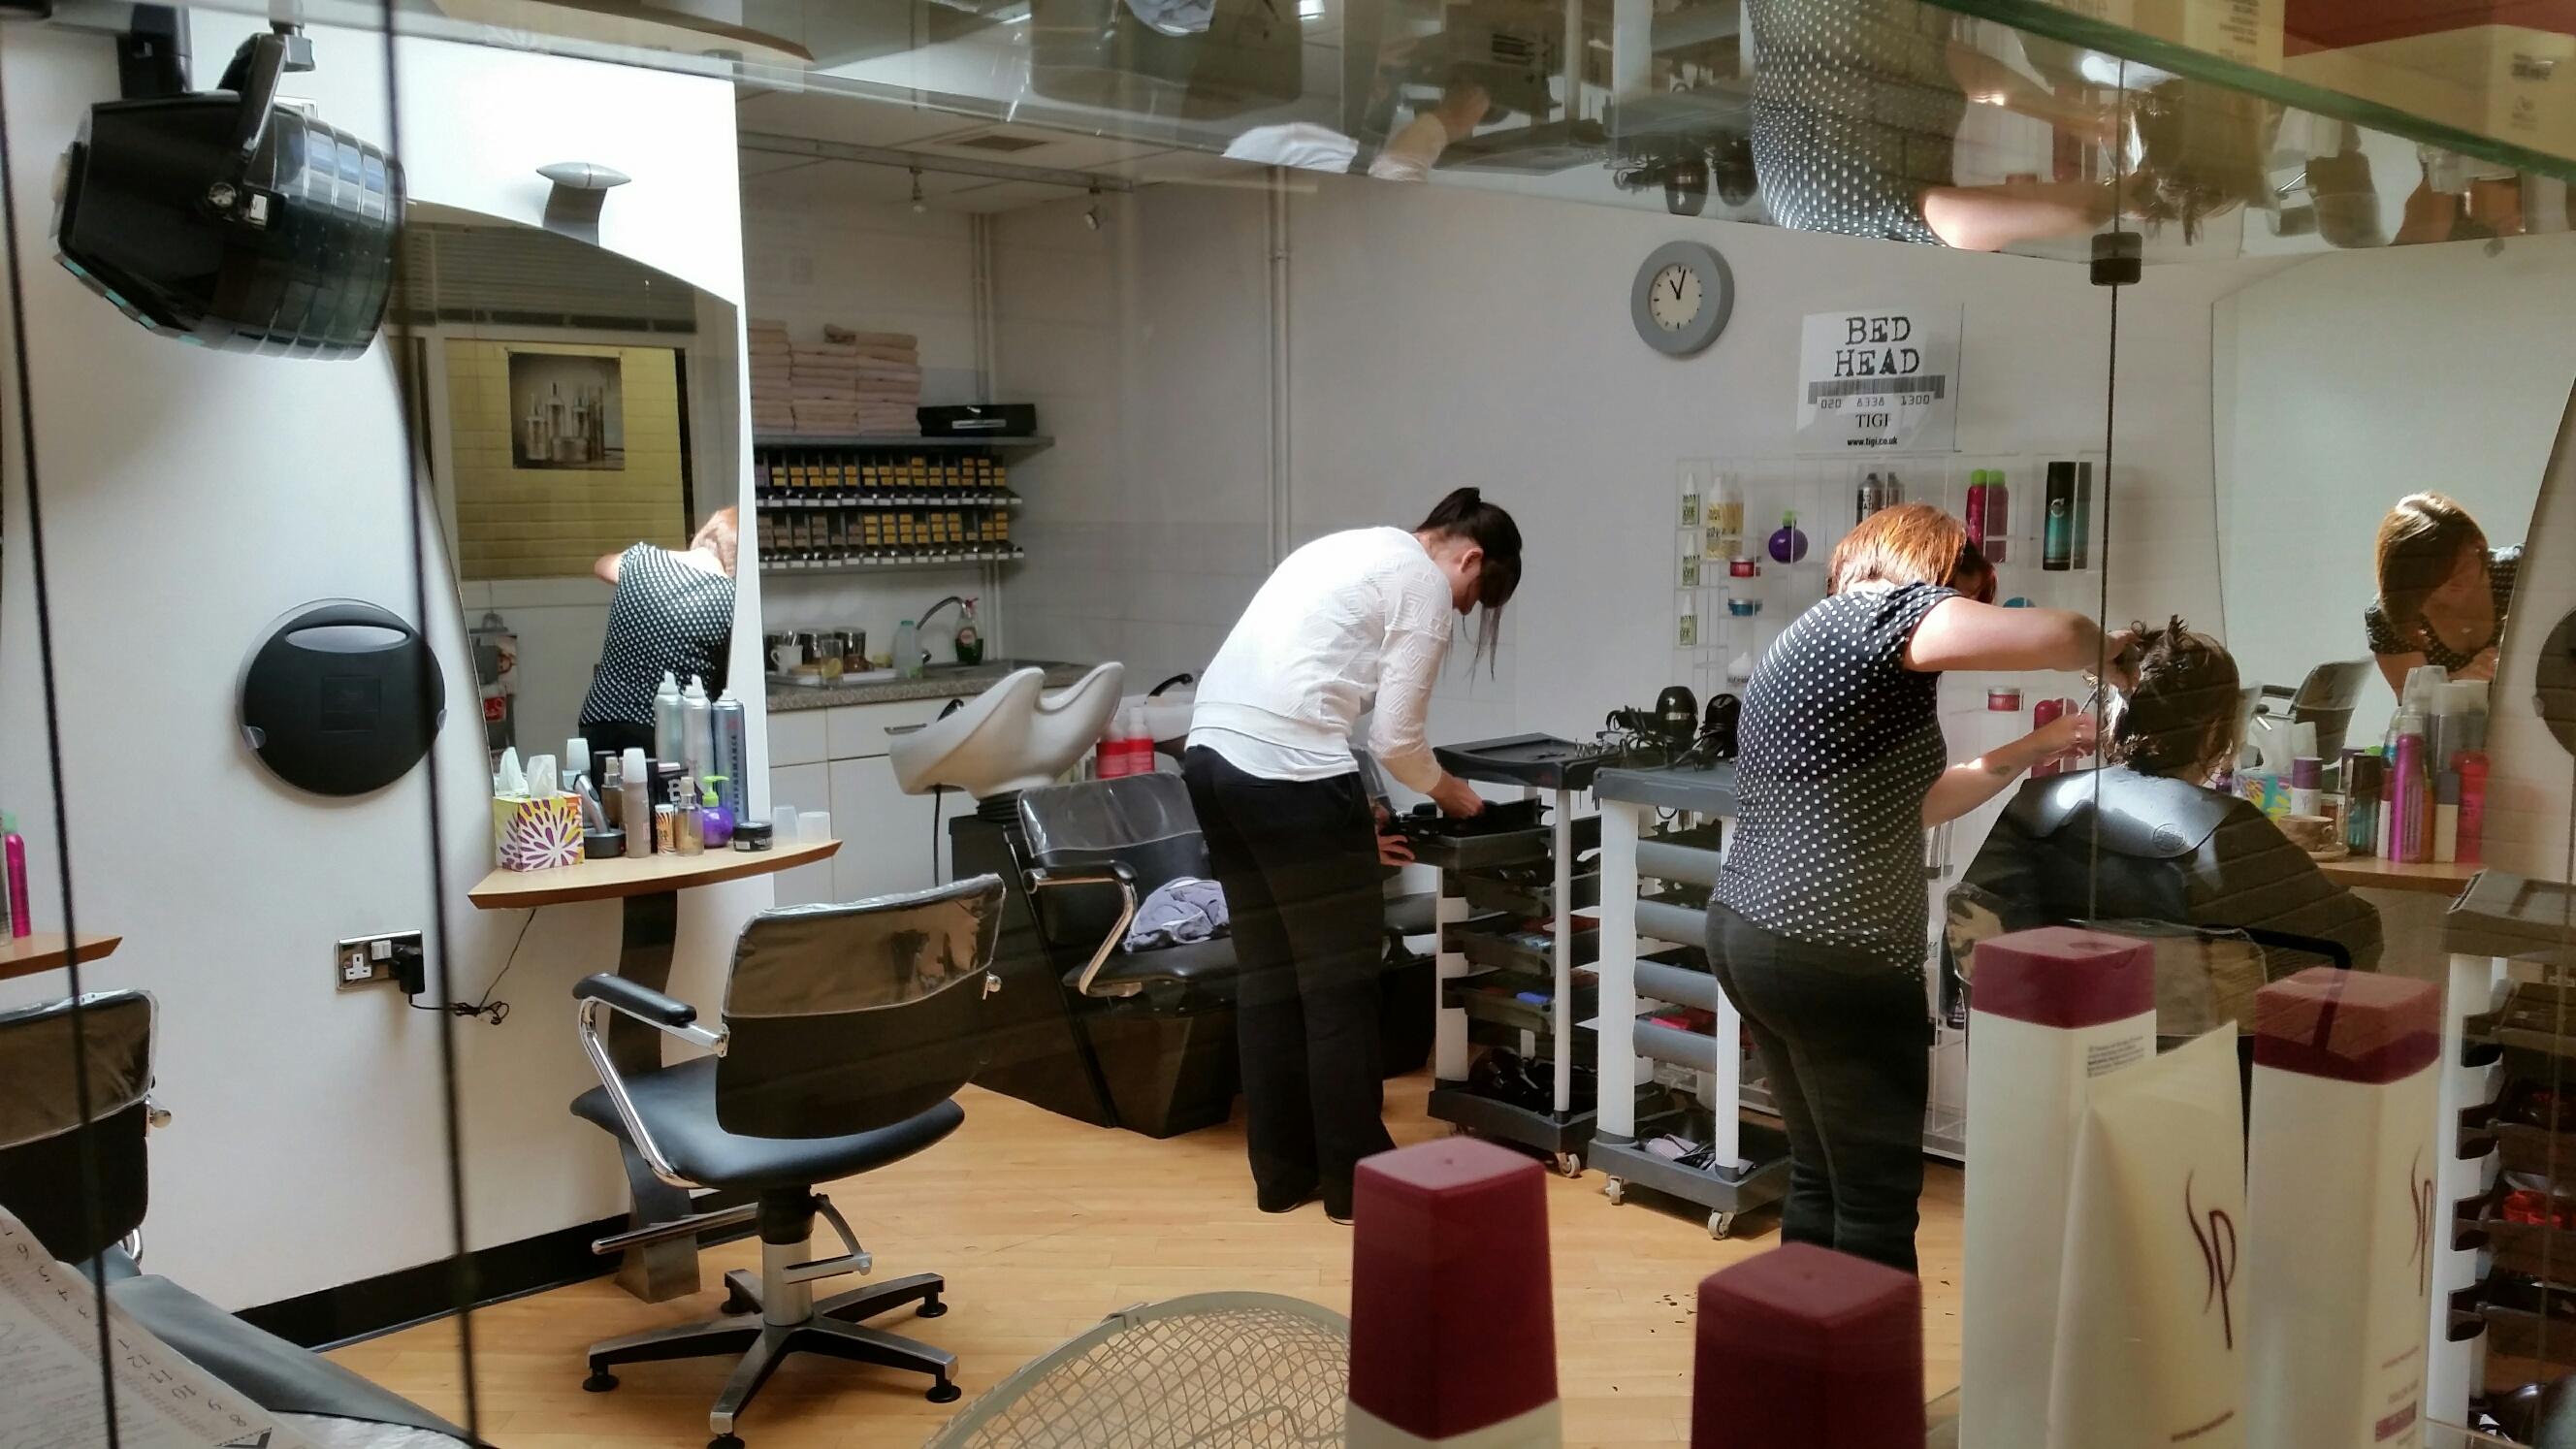 N Style Hair Salon Kernersville: Cut 'N' Run Unisex Hair Salon